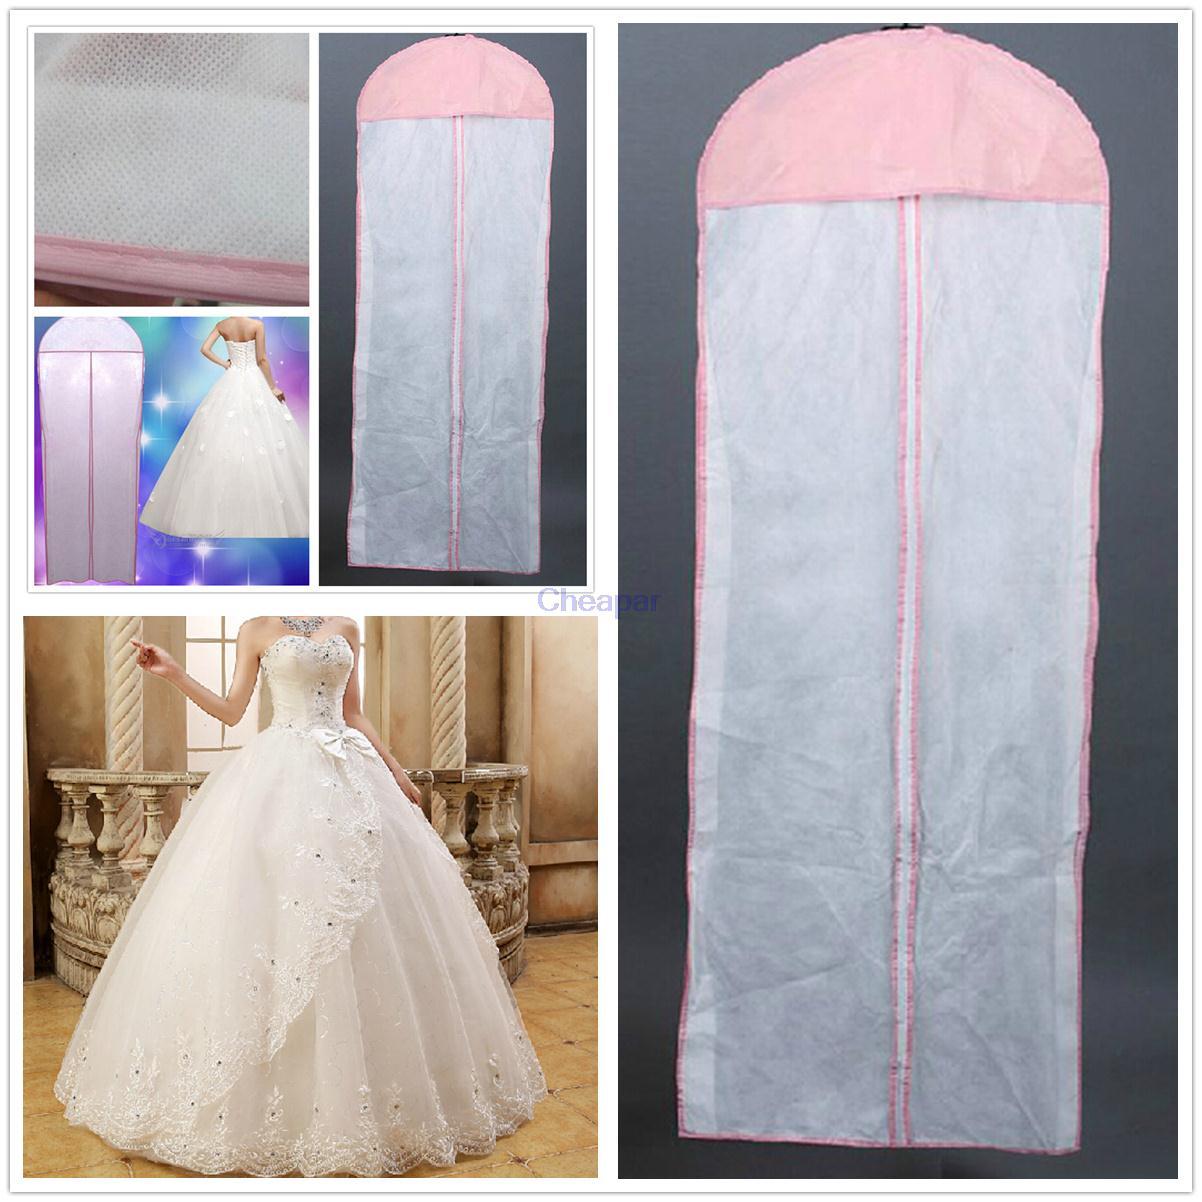 Новые белые дышащие свадебные платье для выпускного вечера свадебное платье одежда висит сумка для хранения одежды Пылезащитный чехол мол...